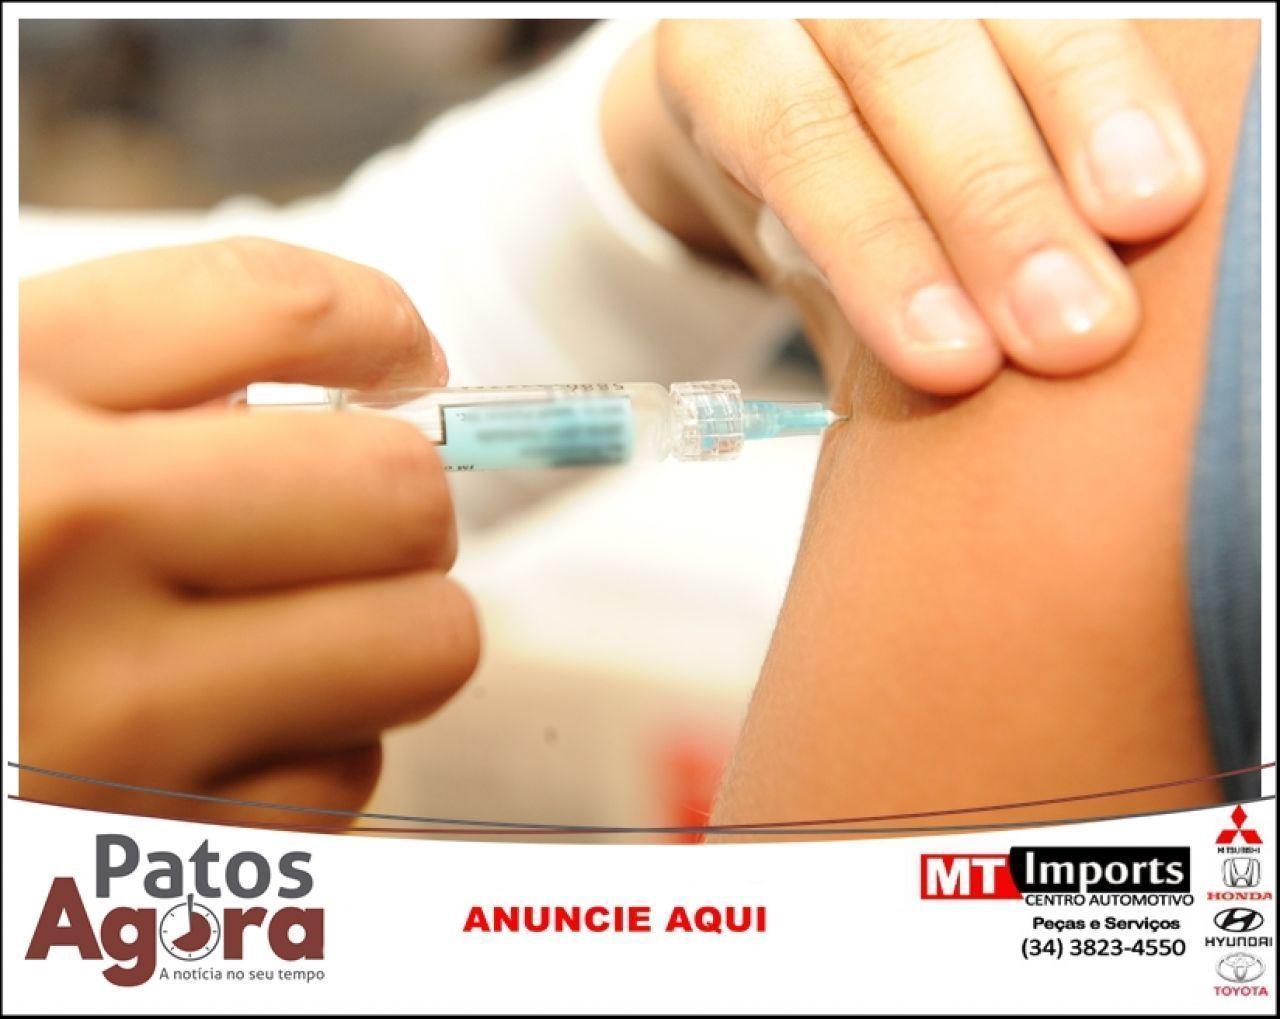 Covid-19: vacinação de adolescentes sem comorbidades é suspensa pelo Ministério da Saúde